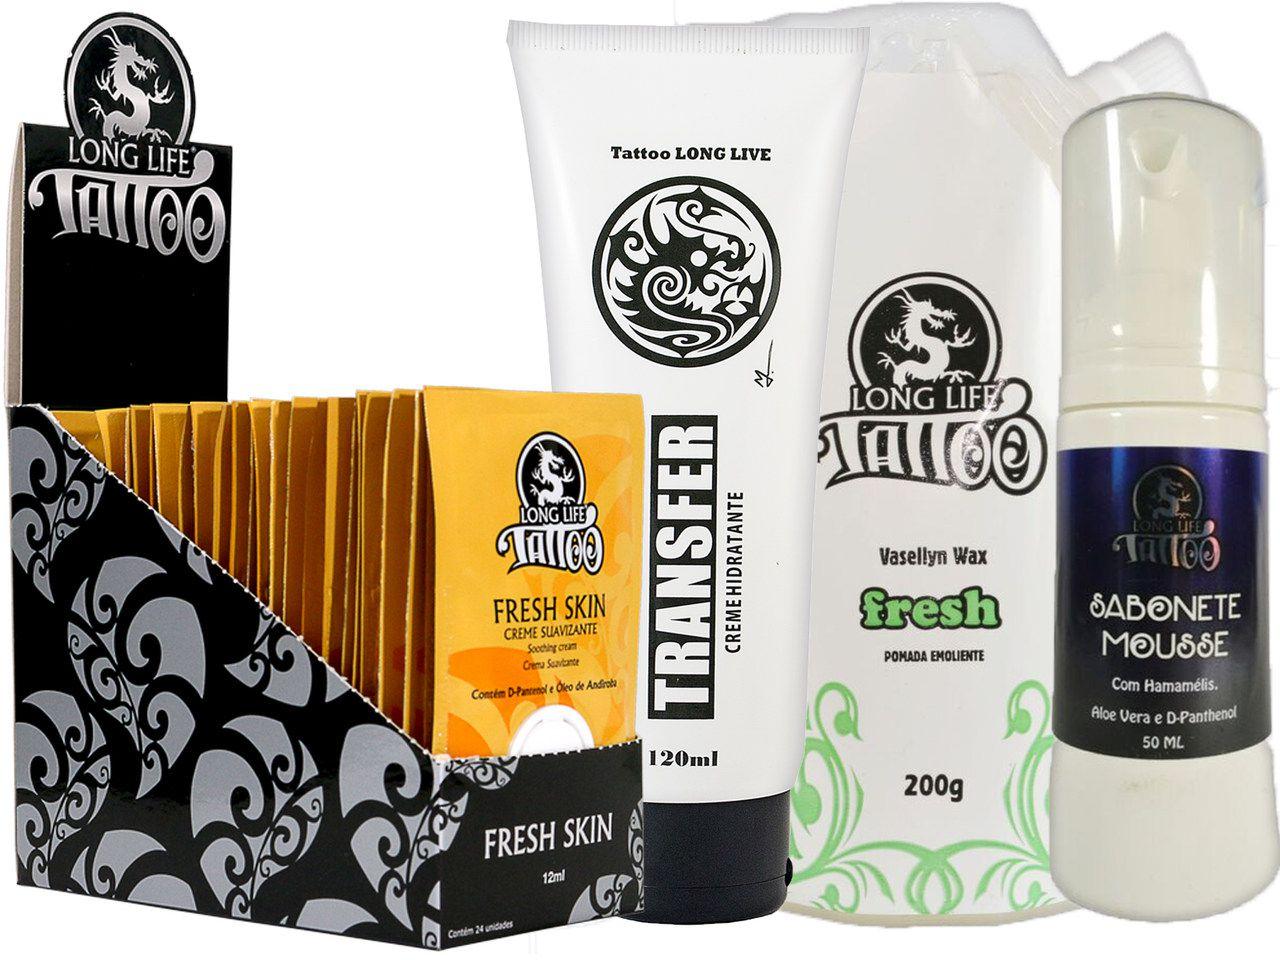 Caixa Fresh Skin Sachê (24 un.) + Sabonete Mousse + Vasellyn Fresh 200g + Transfer Creme